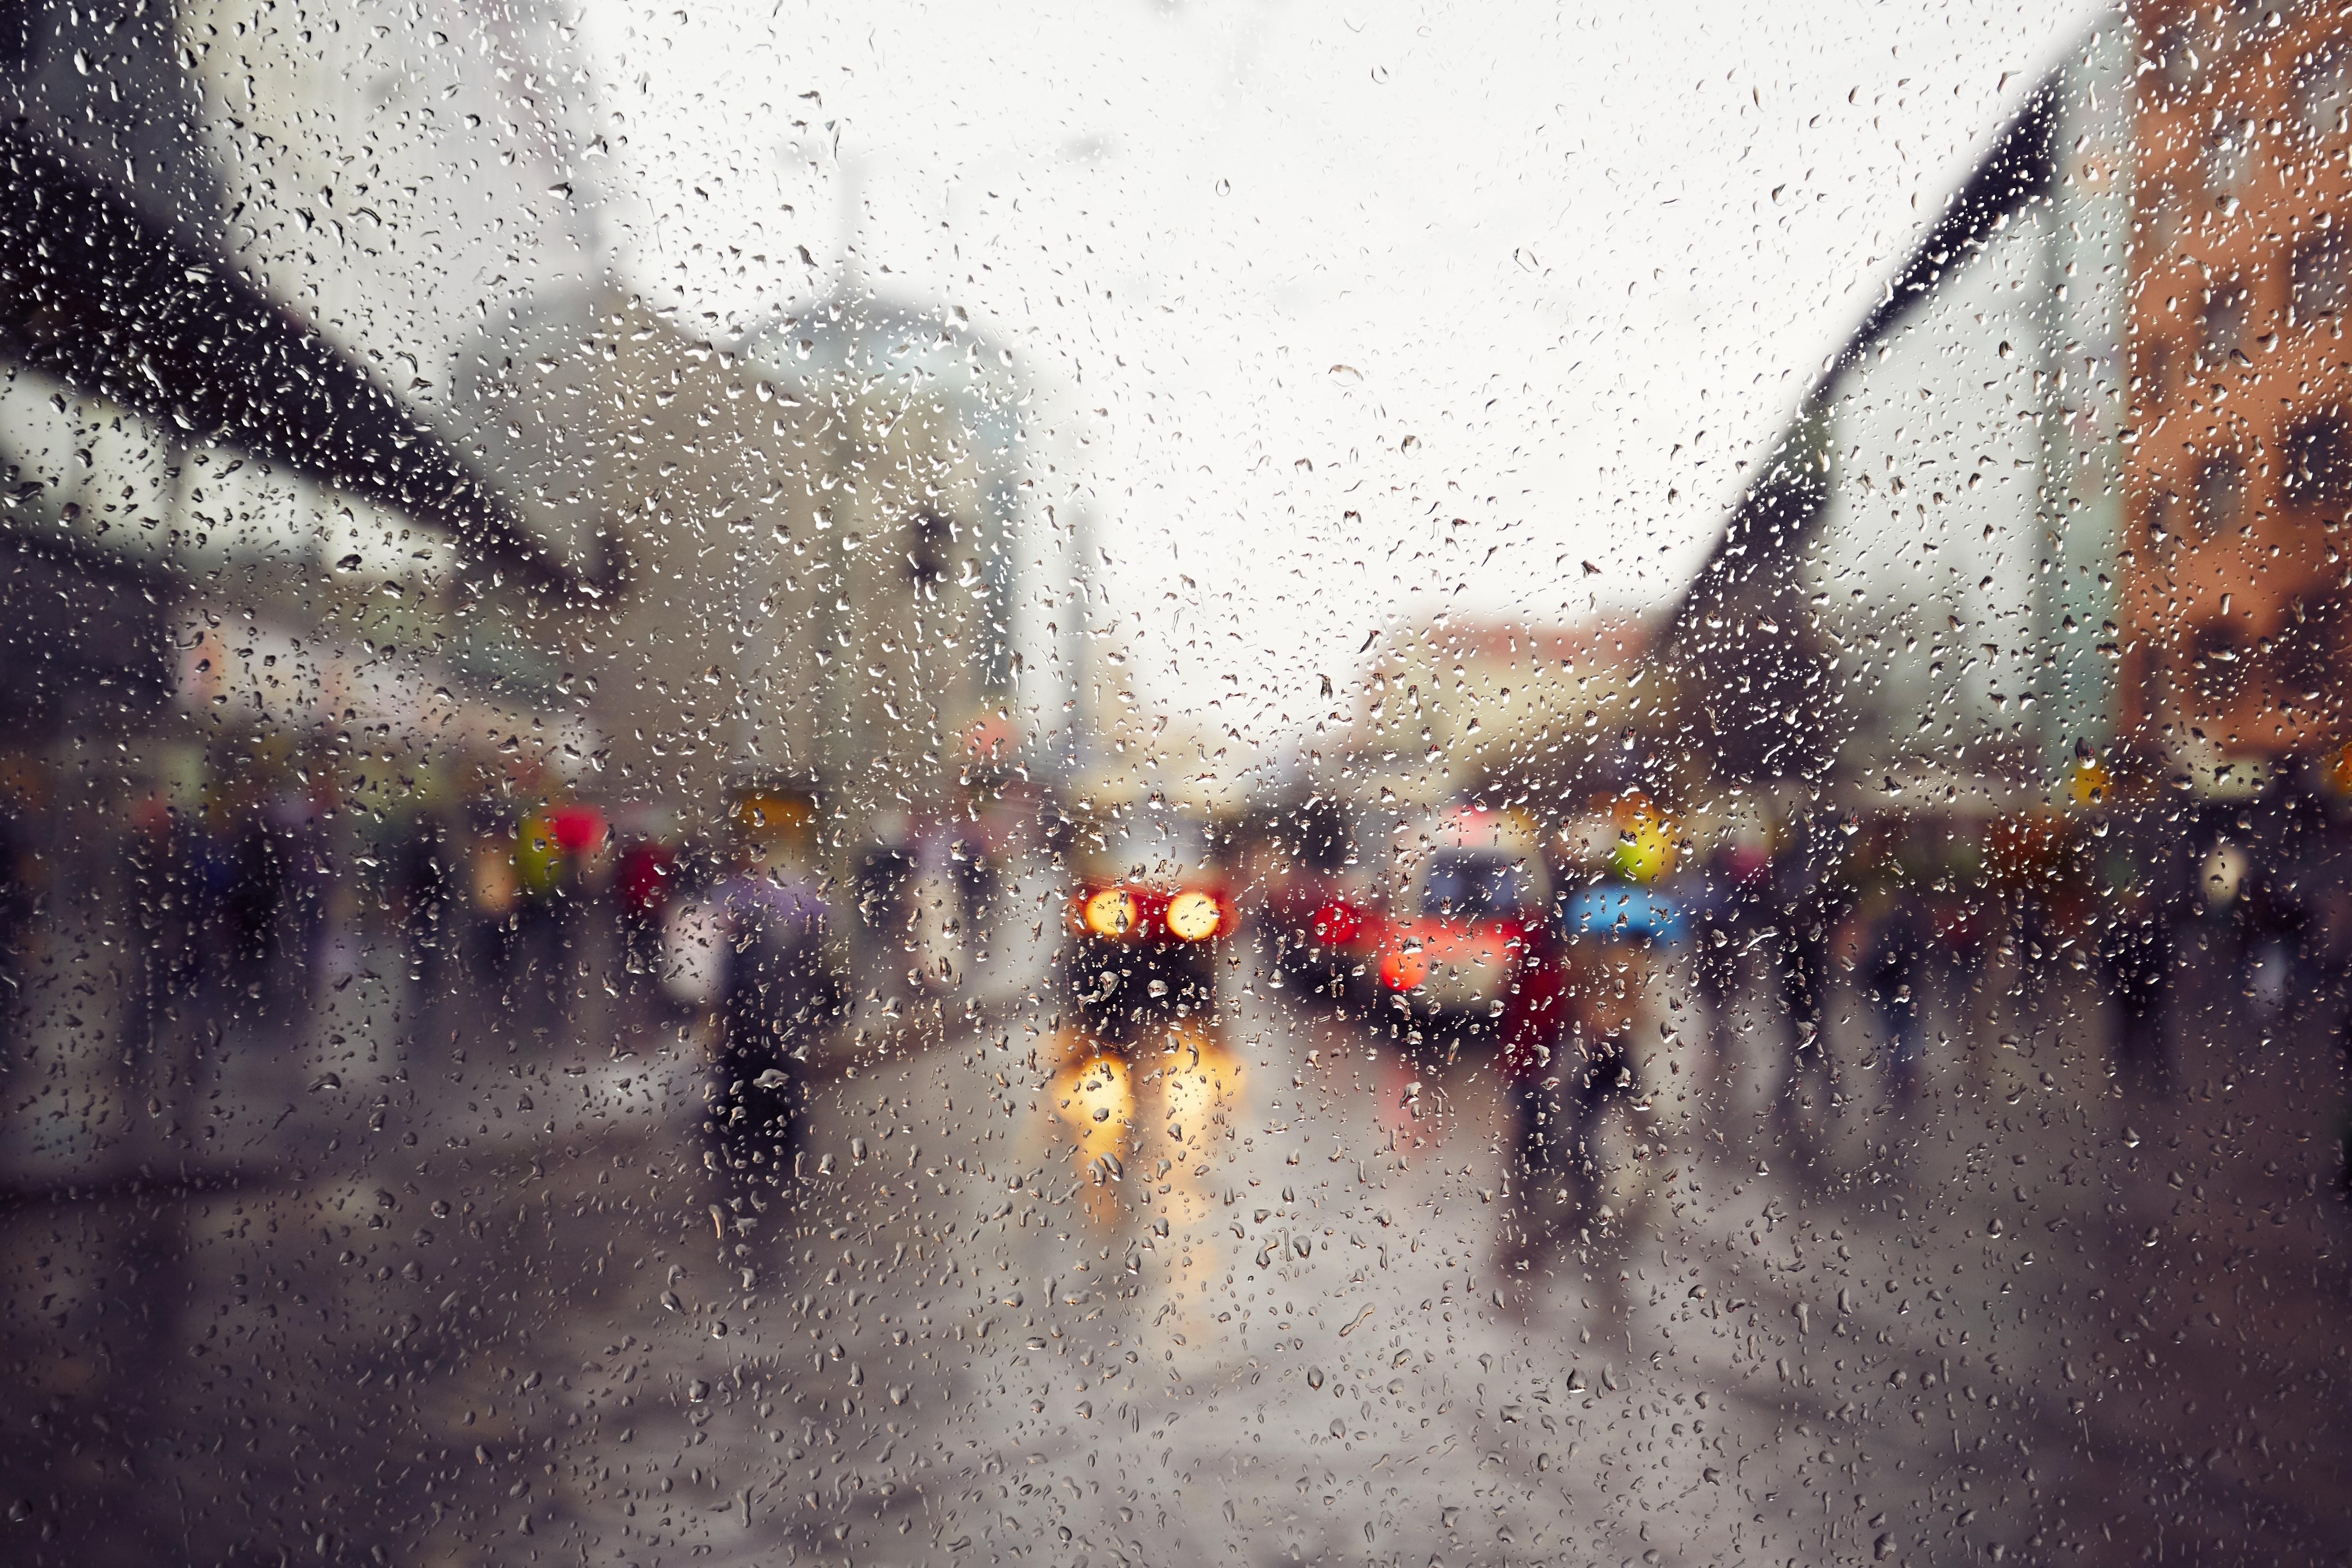 Prognoza meteo ANM. Schimbări bruște de temperatură în următoarele zile, după fenomenul rar din Capitală